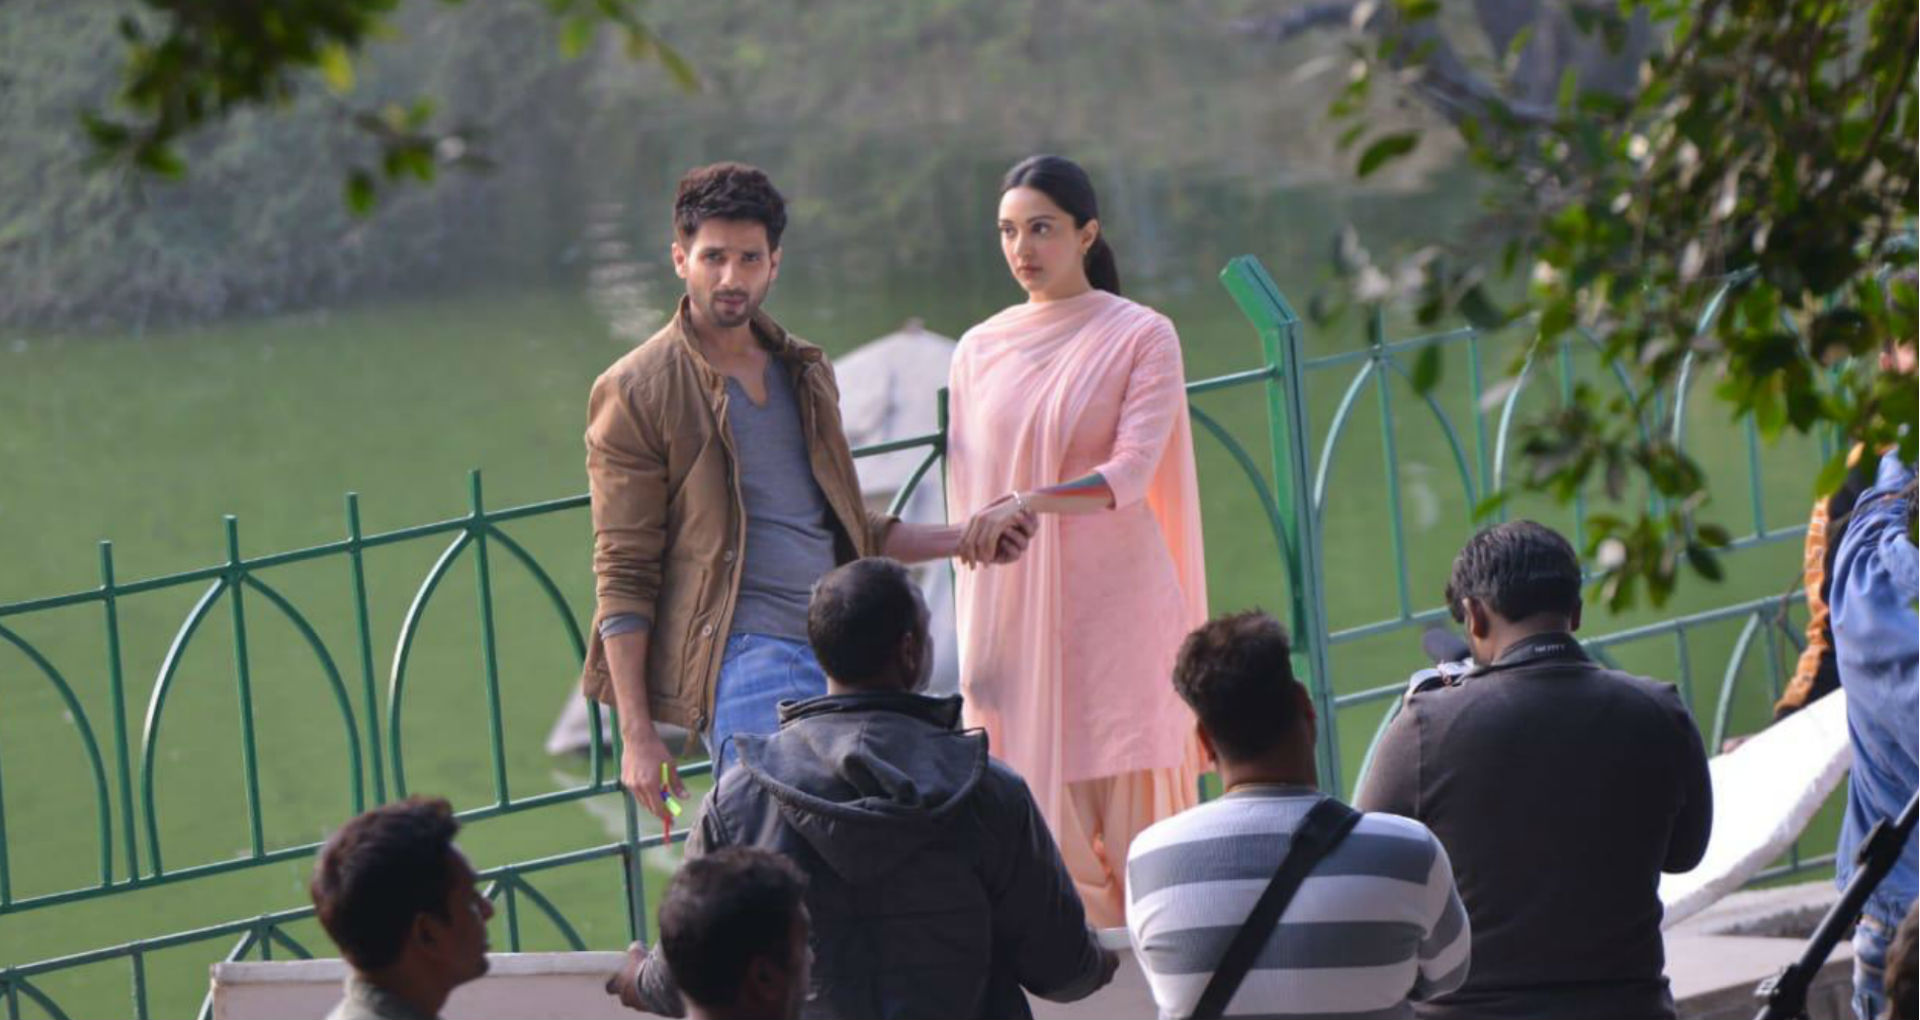 Kabir Singh Movie: फिल्म ने दूसरे दिन तोड़ा पहले दिन की कमाई का रिकॉर्ड, अब तक कमाए इतने करोड़ रुपये